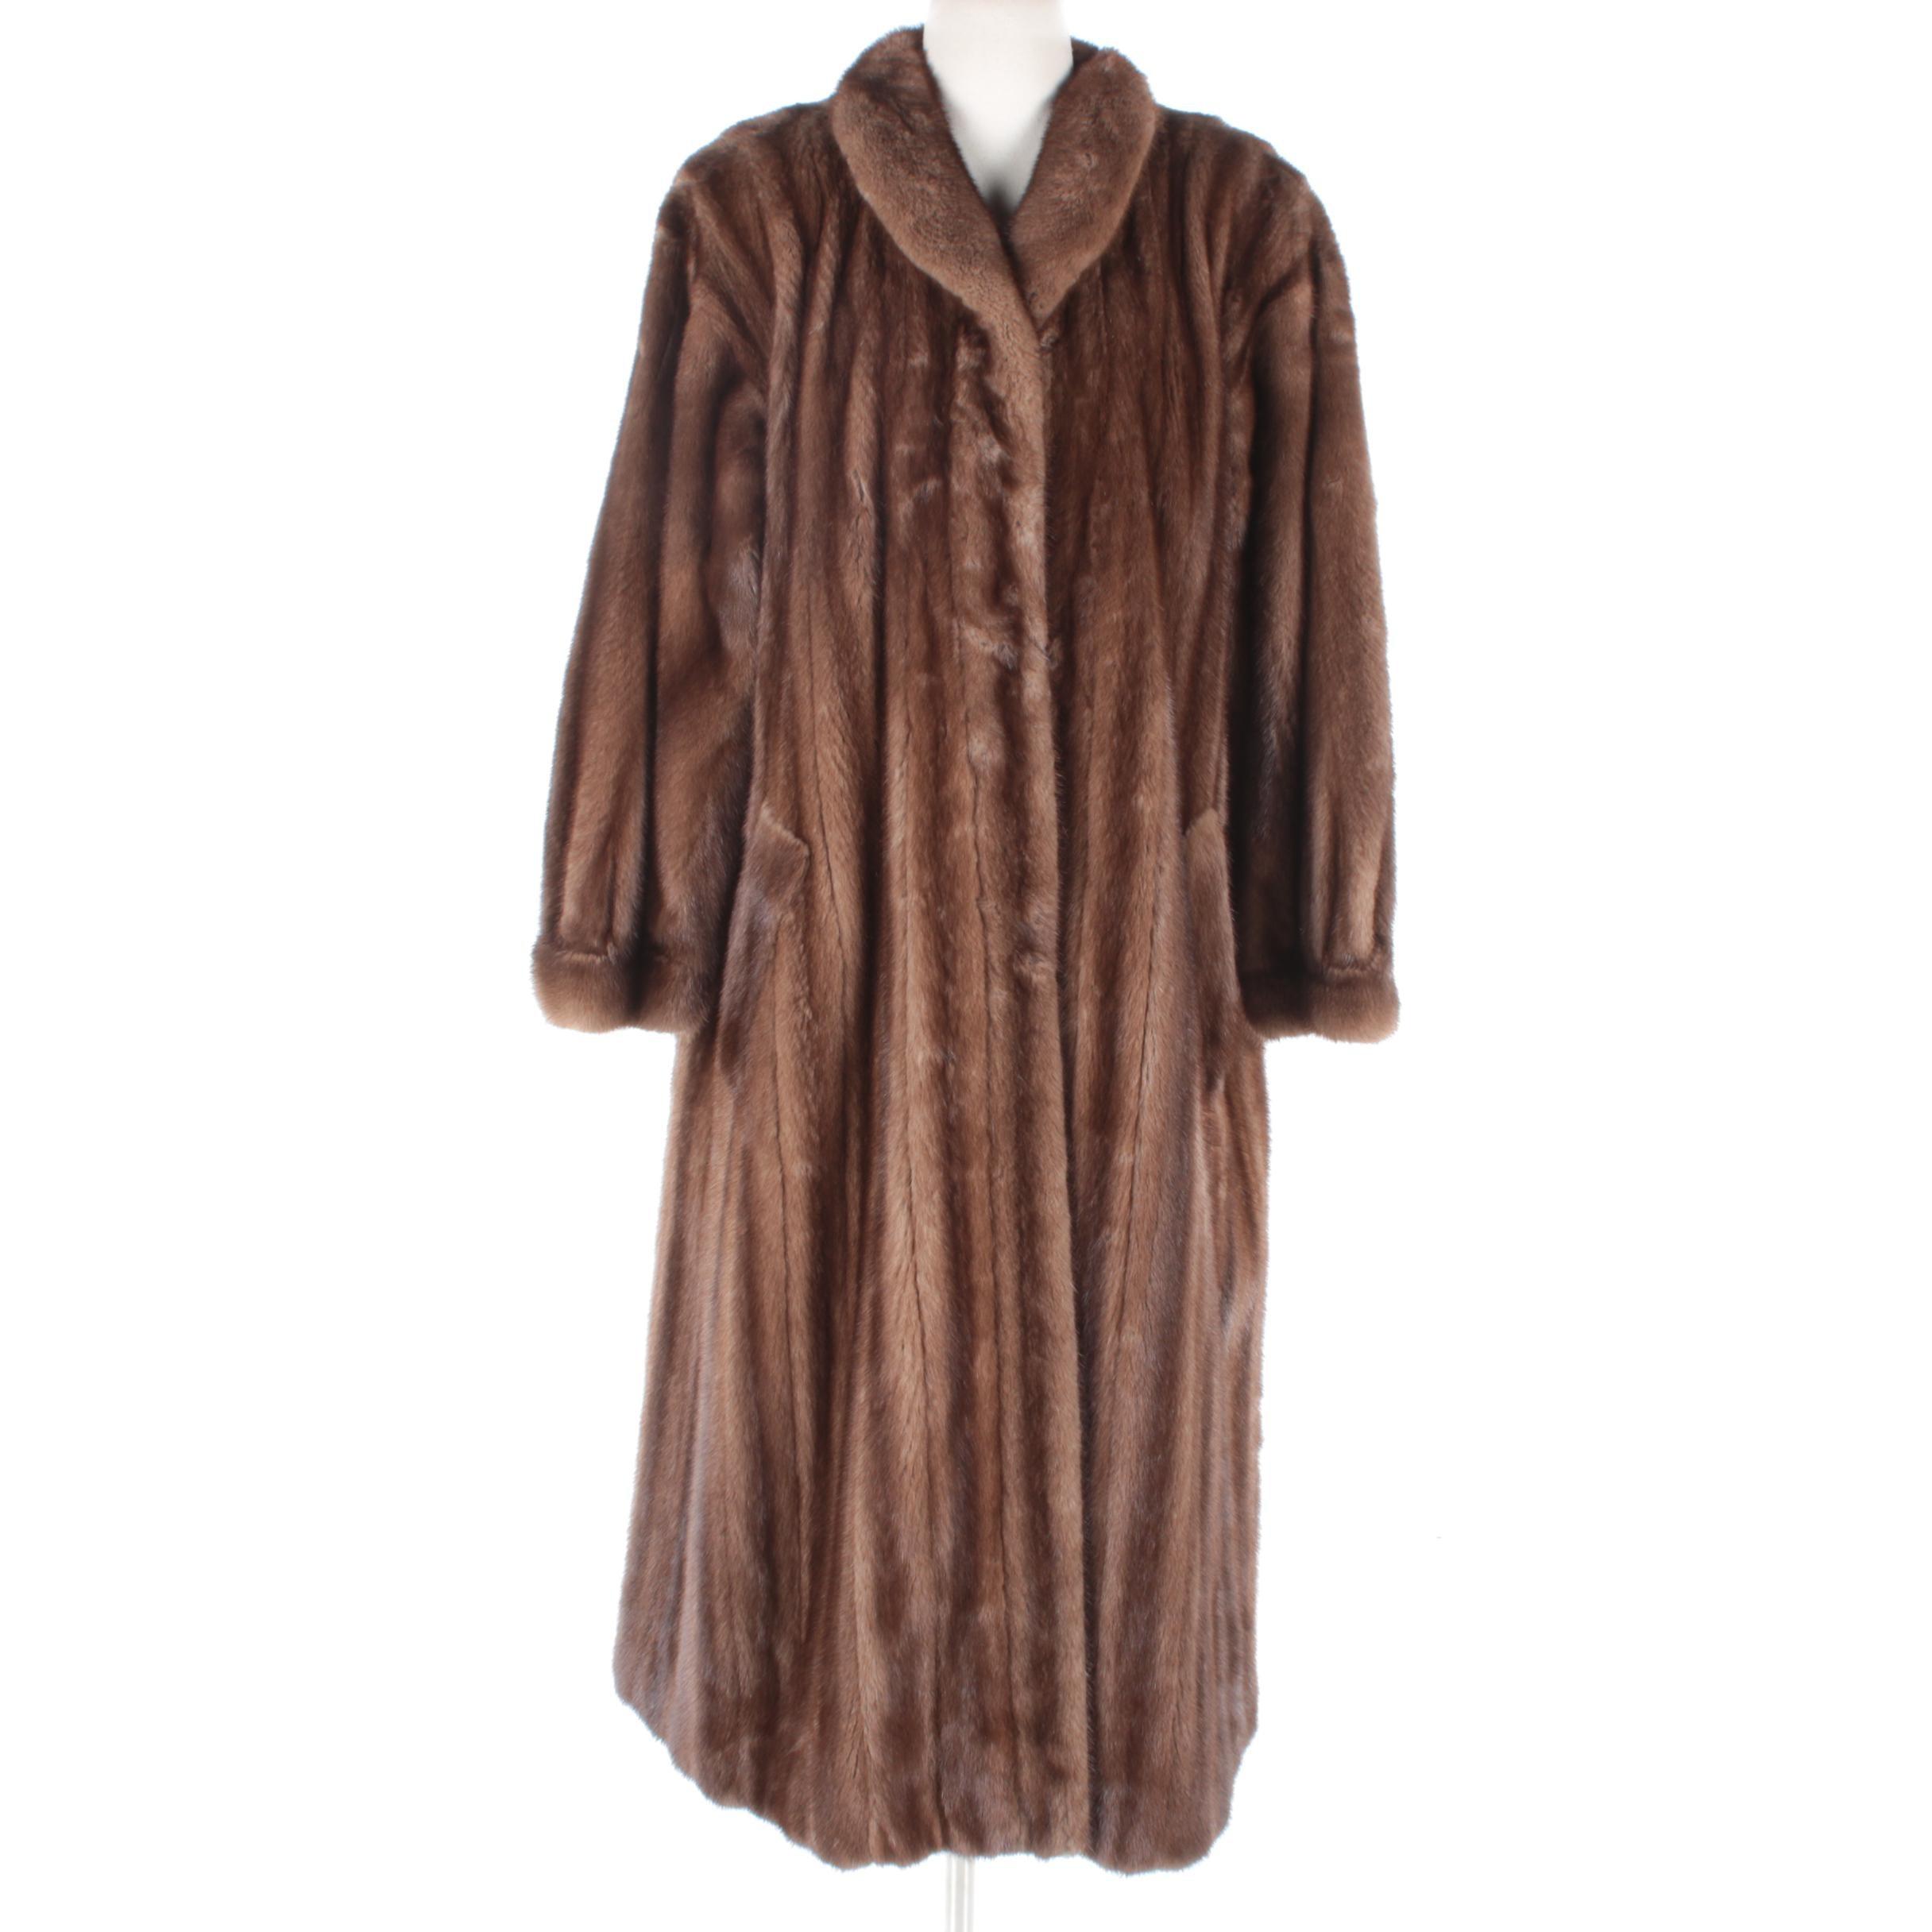 Women's Alixandre New York Brown Mink Fur Coat